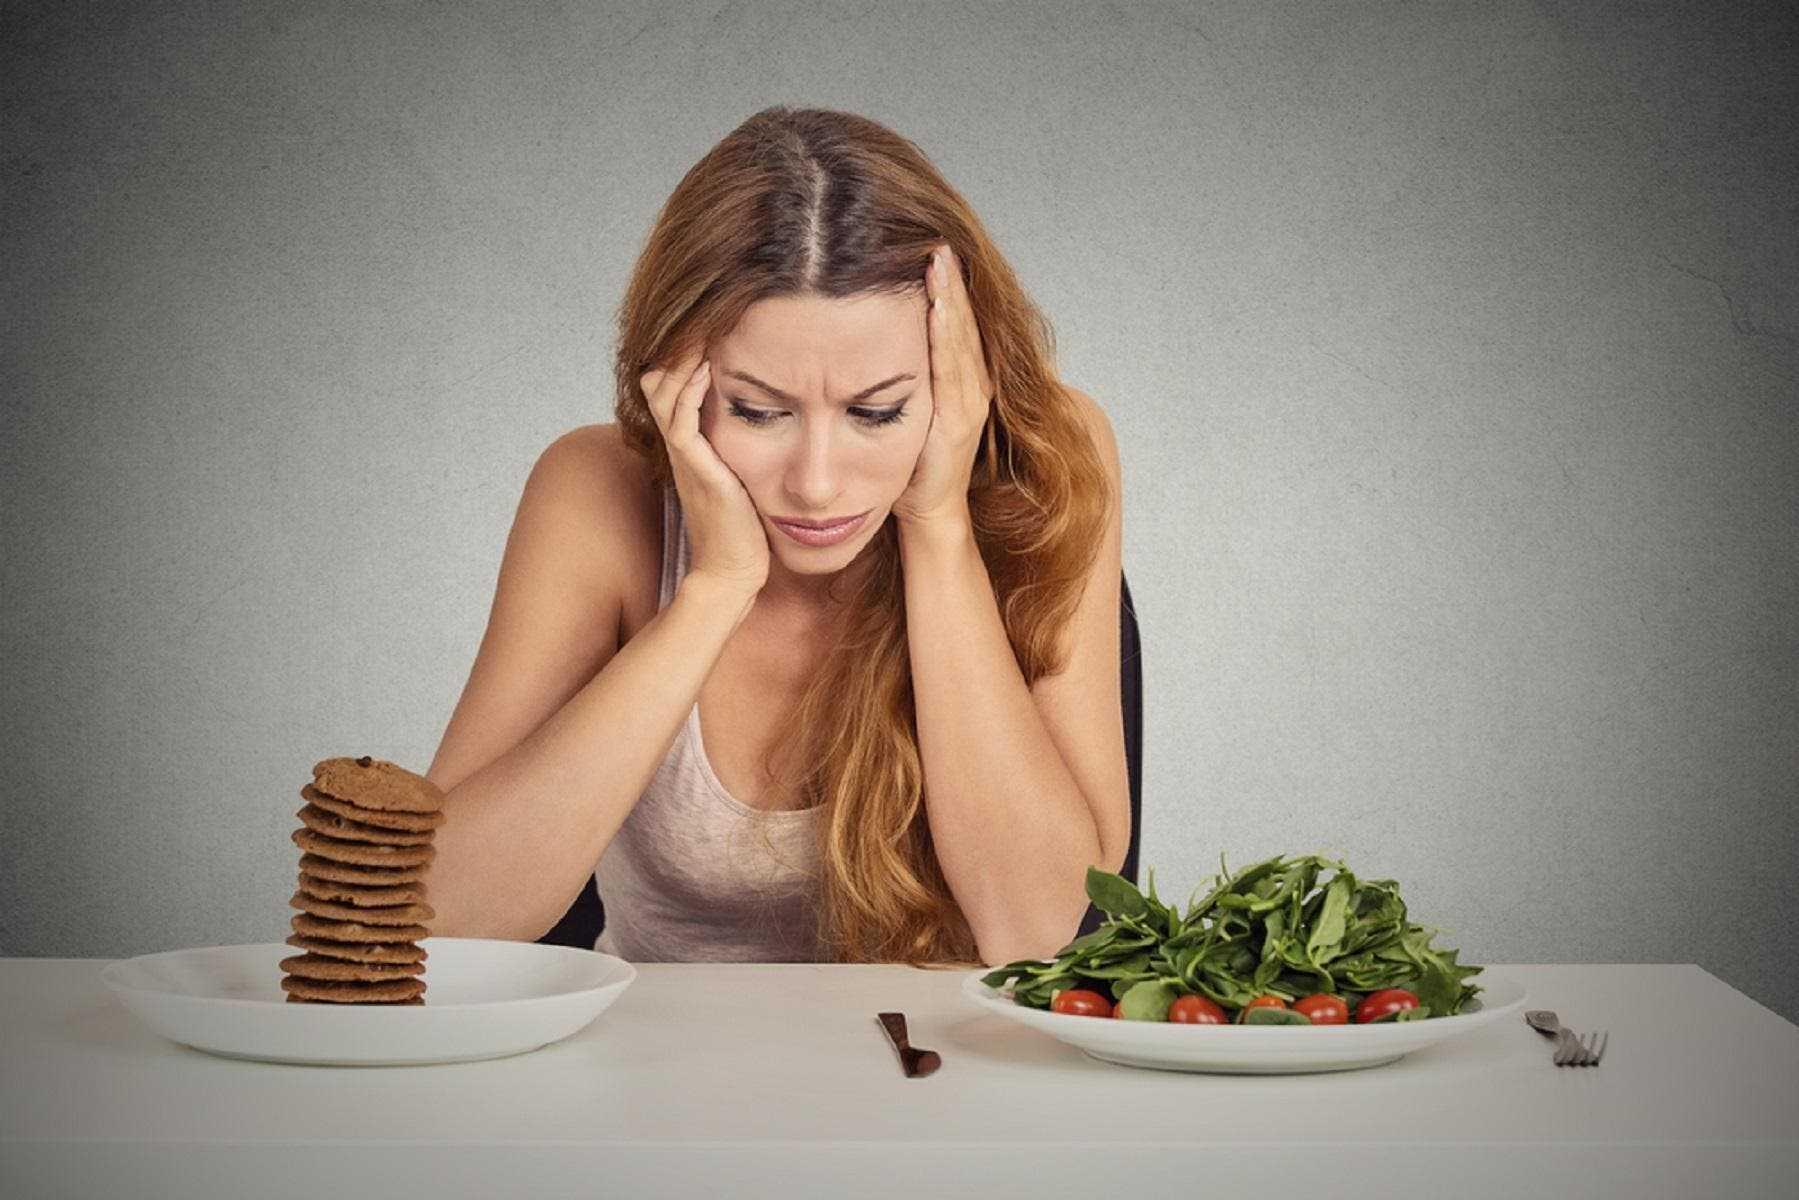 Голодание: польза и вред для организма | польза и вред